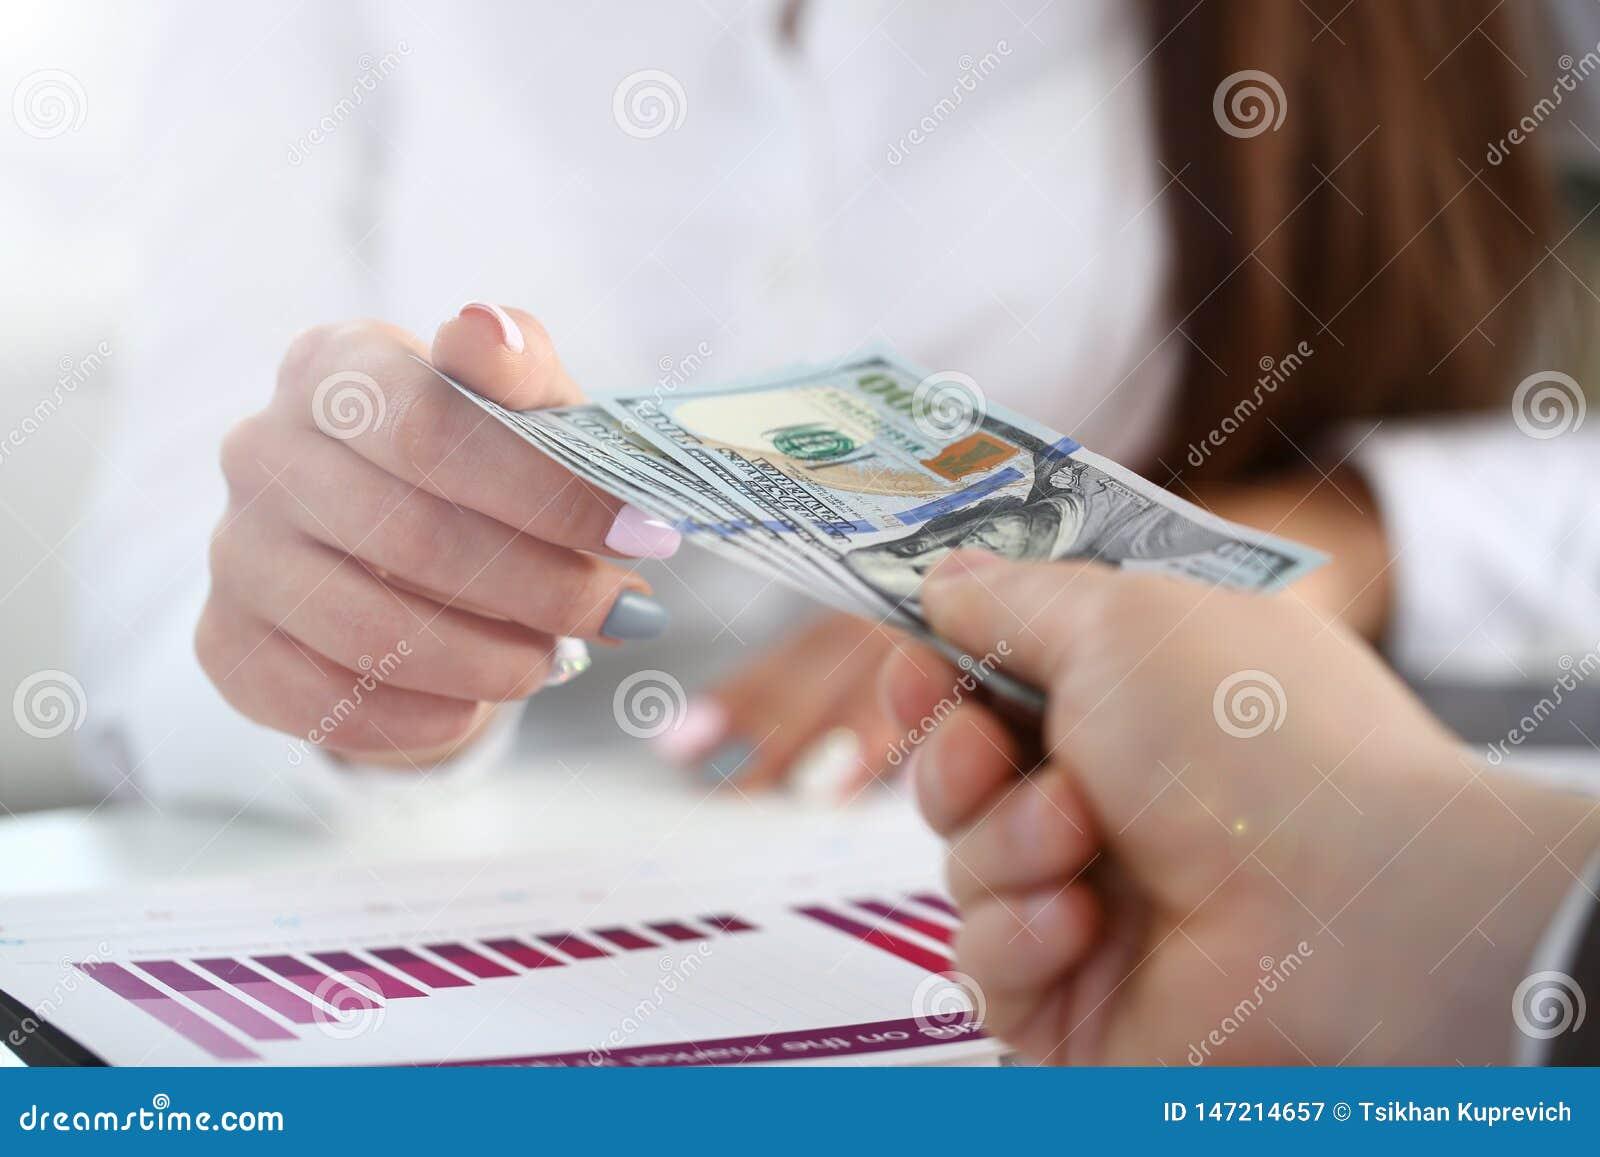 M?nnliches Armlohnb?ndel von hundert Dollarscheinen